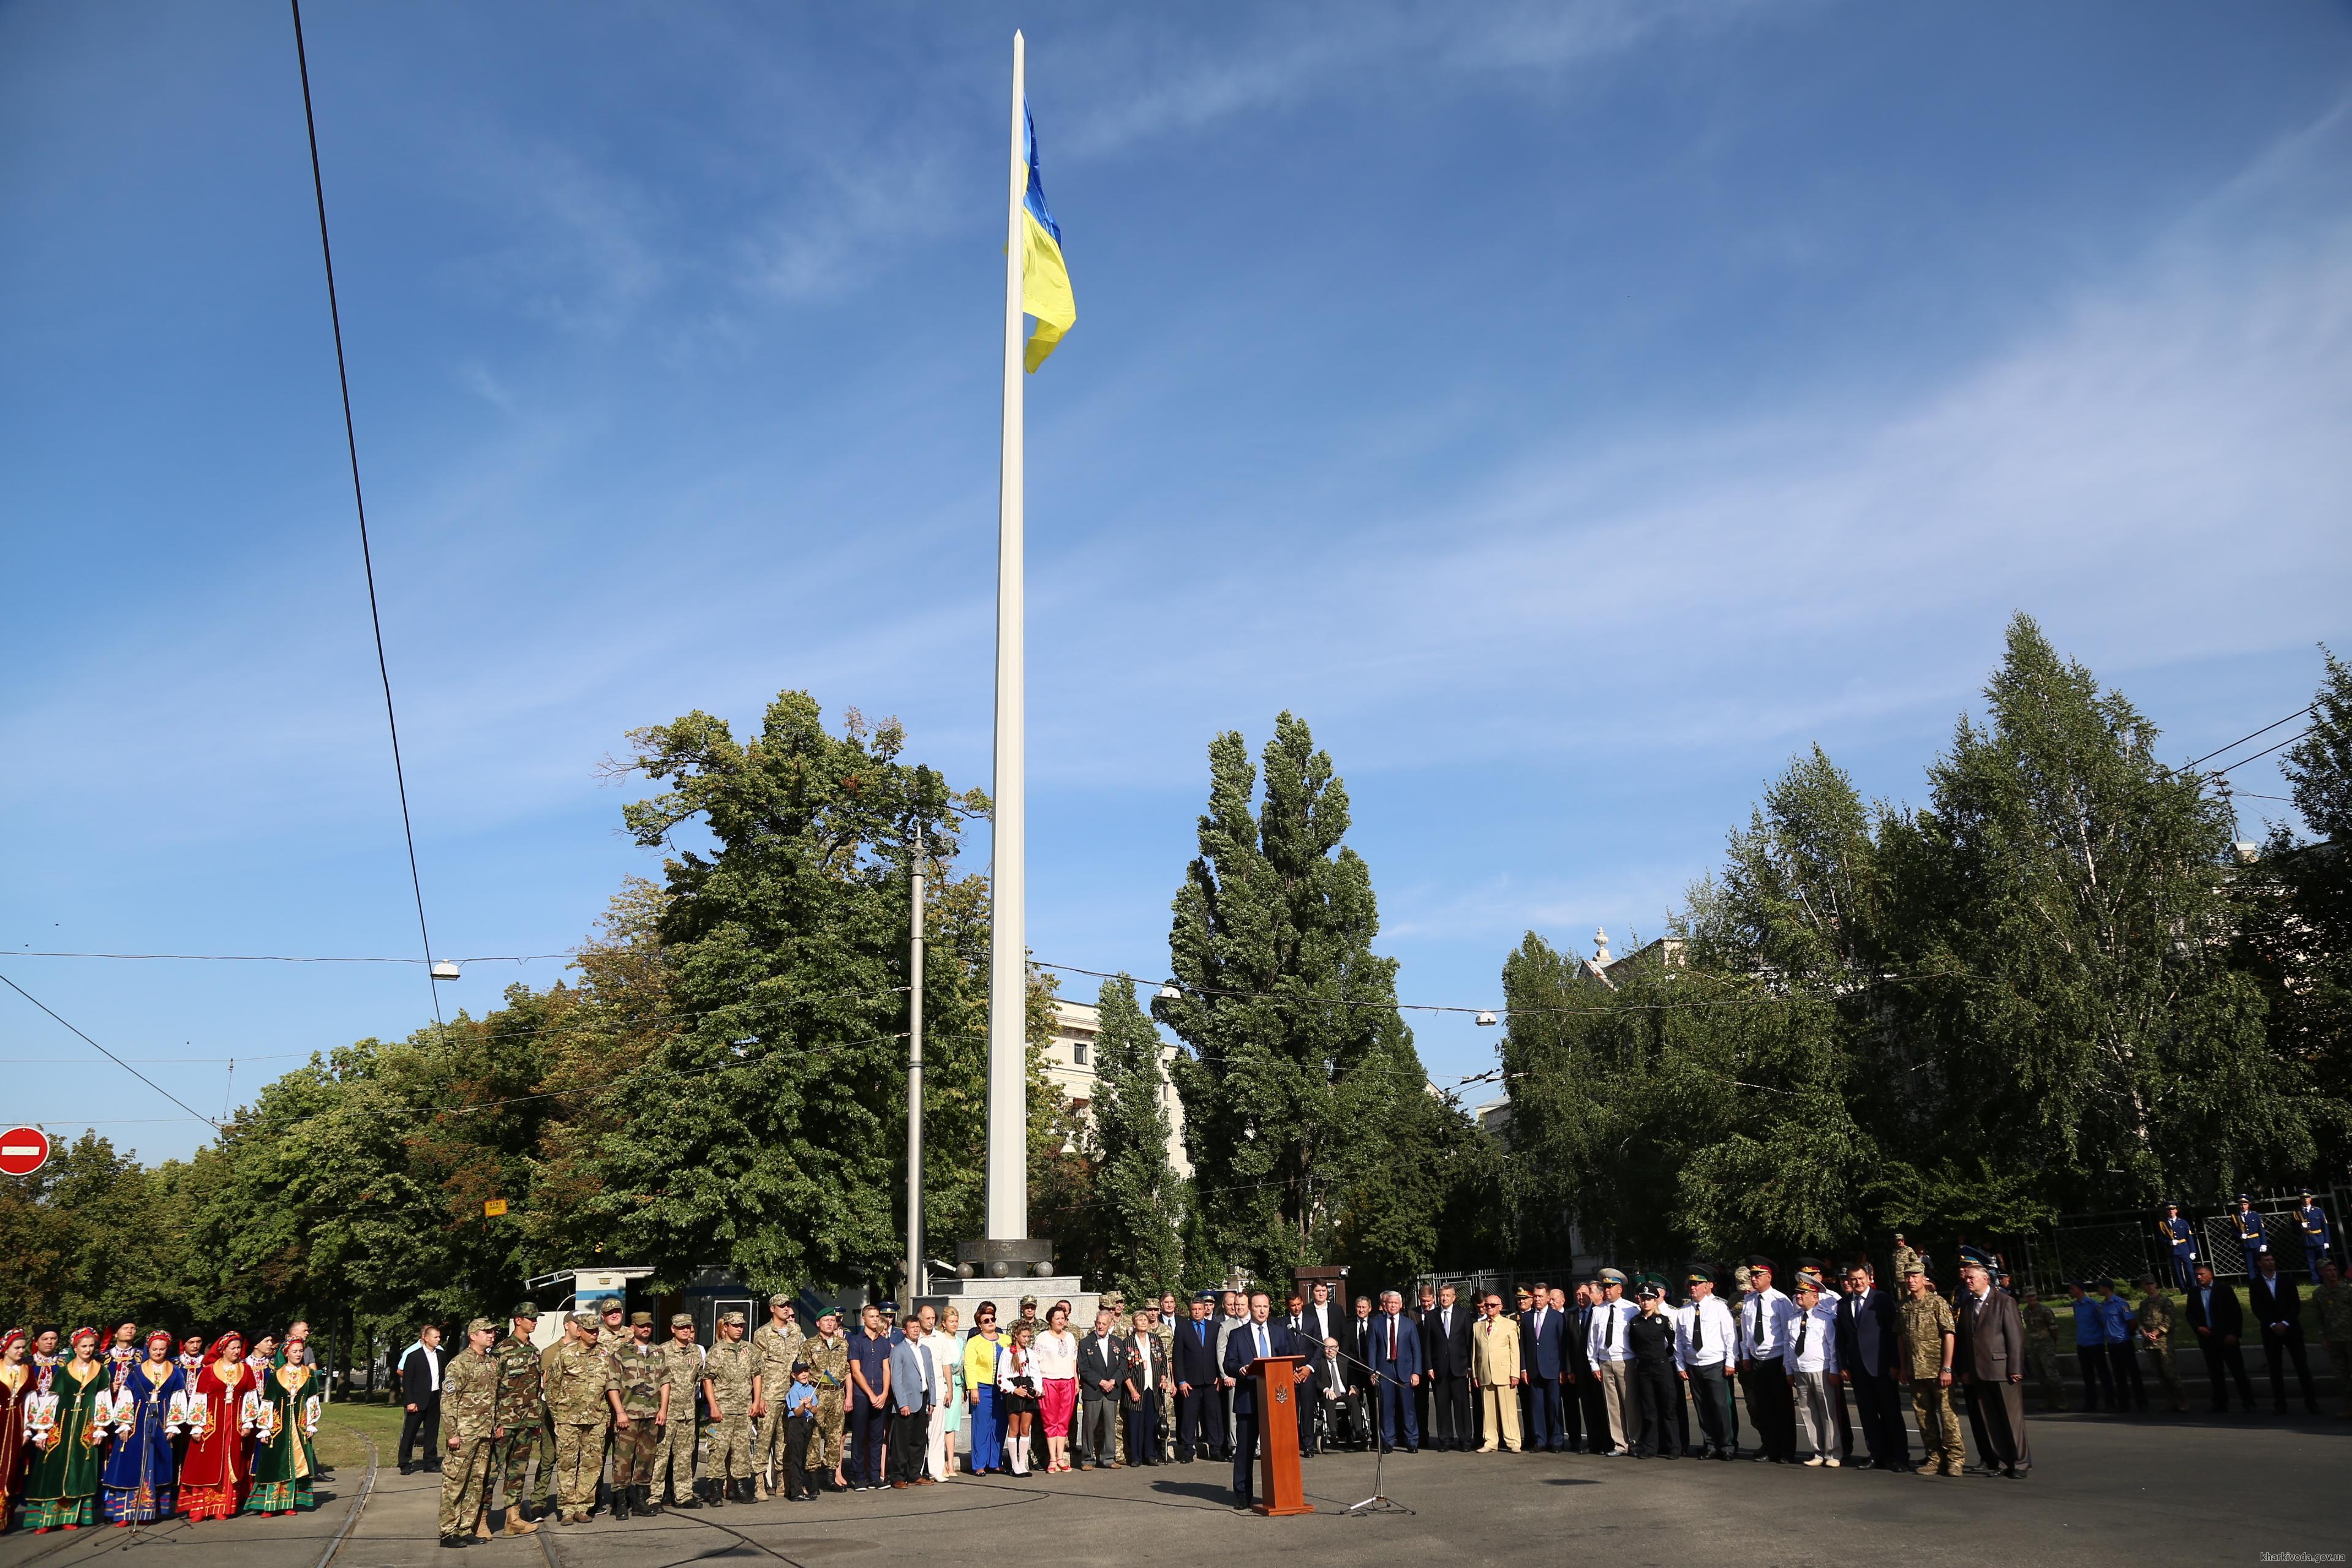 На найвищому флагштоці Харкова підняли прапор України  - фото 2